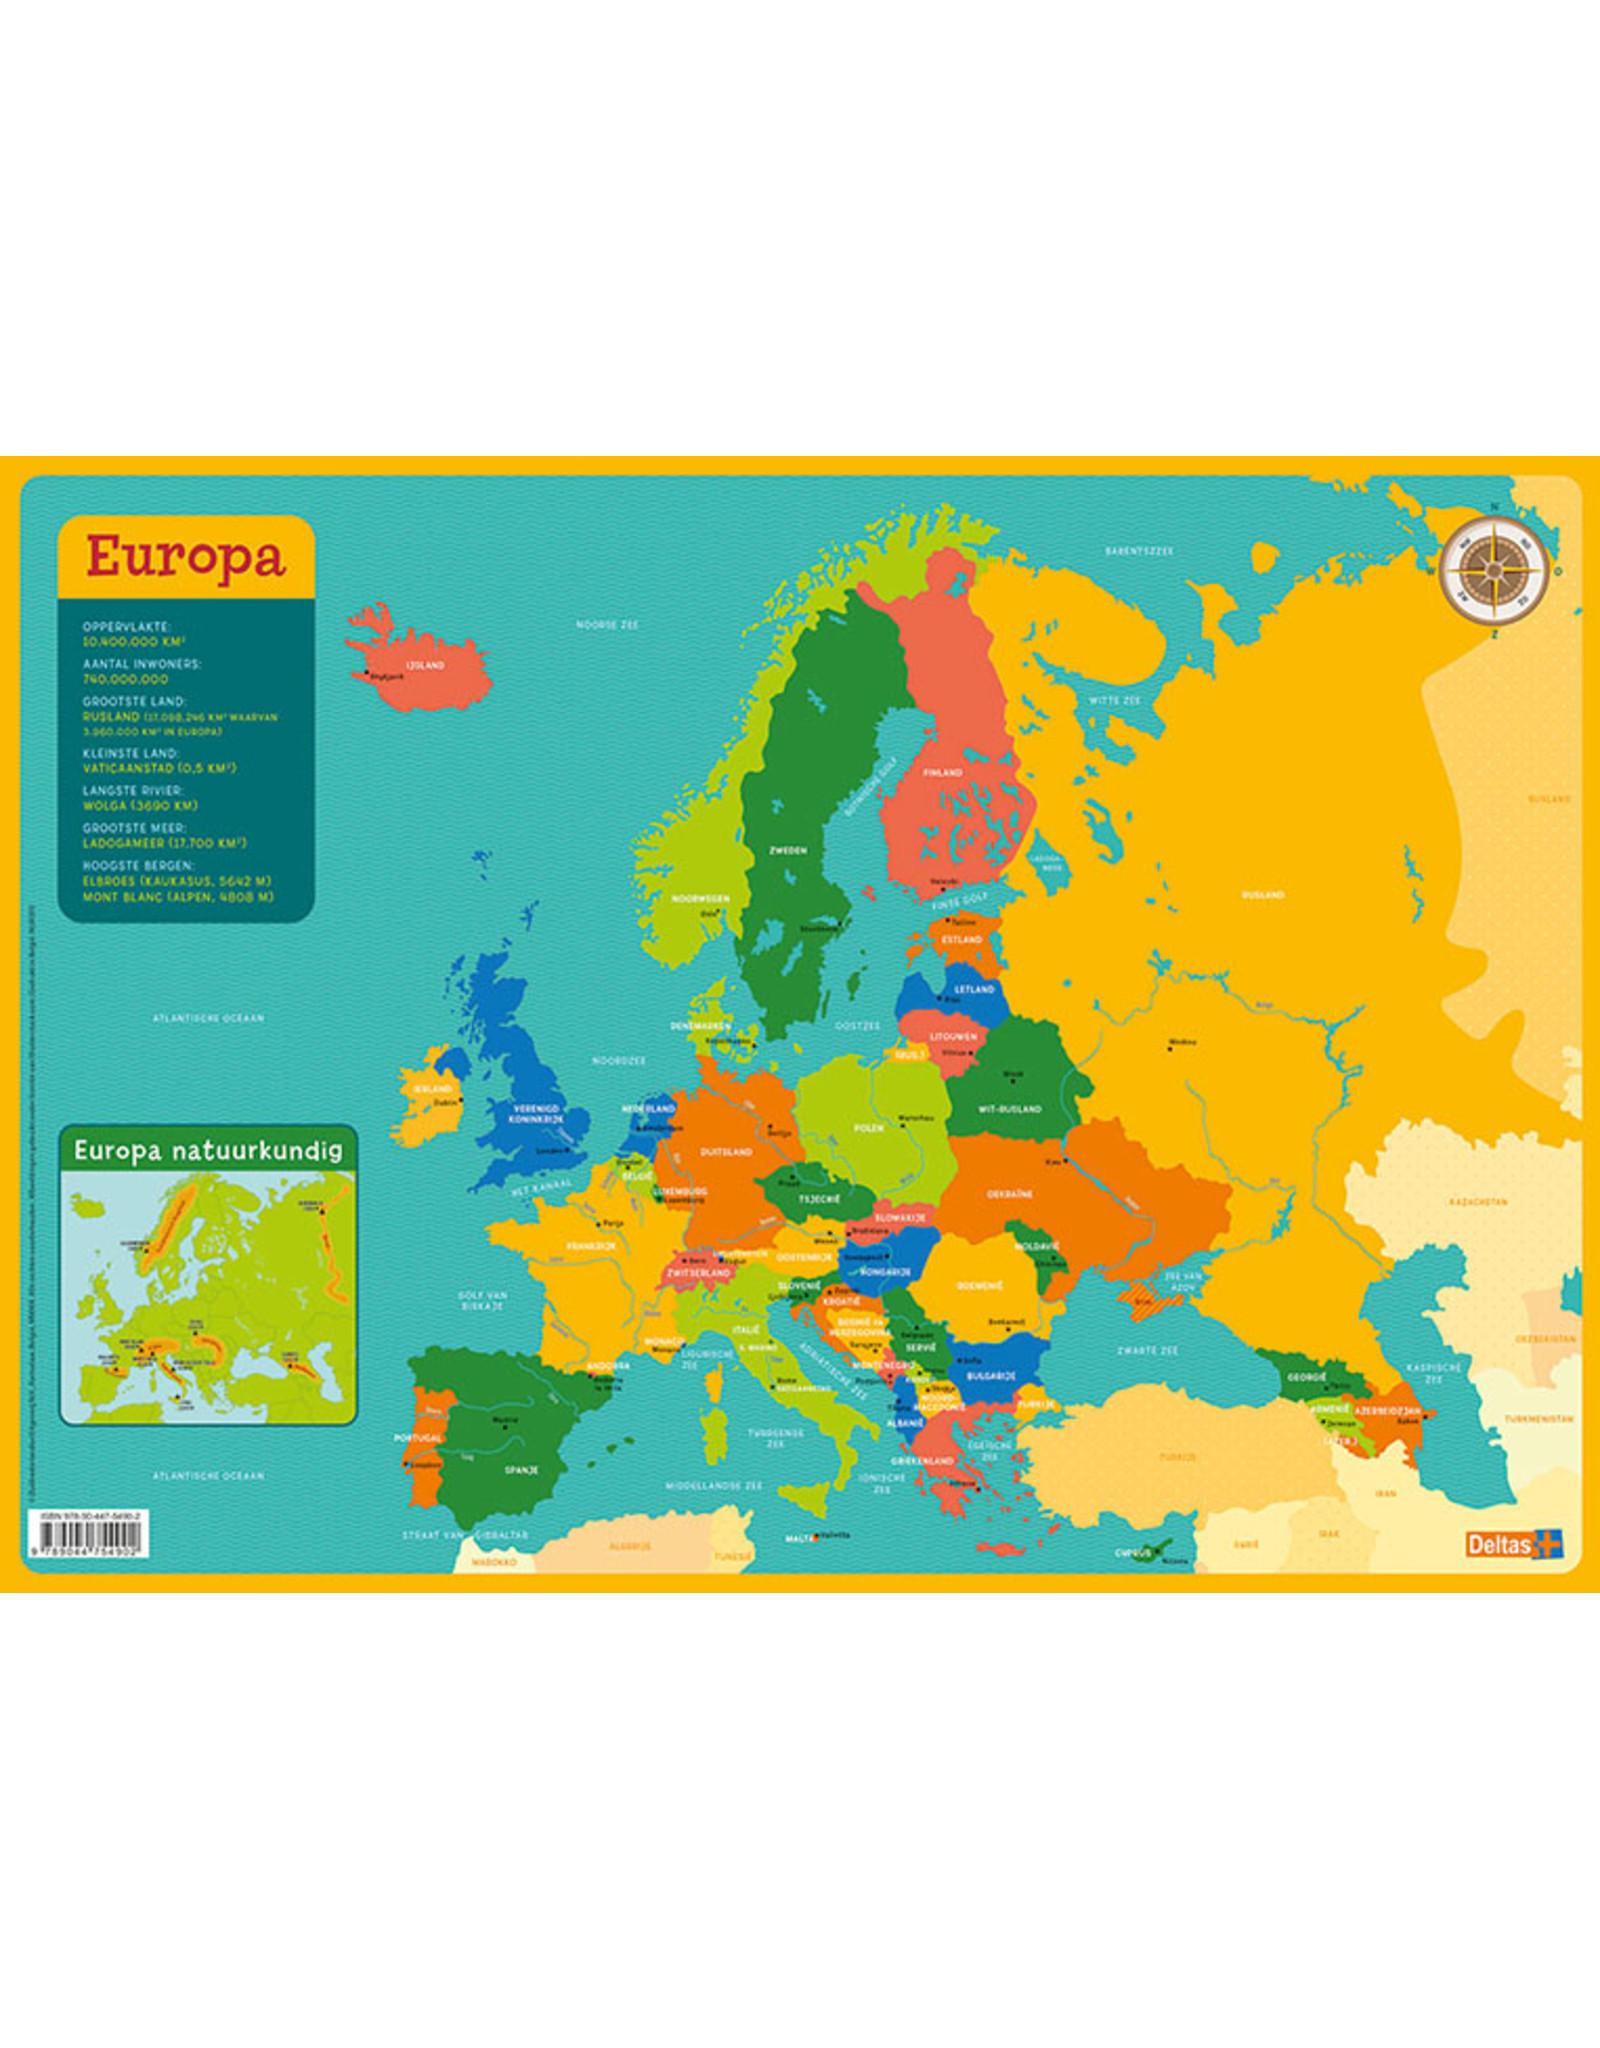 Deltas Educatieve Onderleggers - Kaart Europa